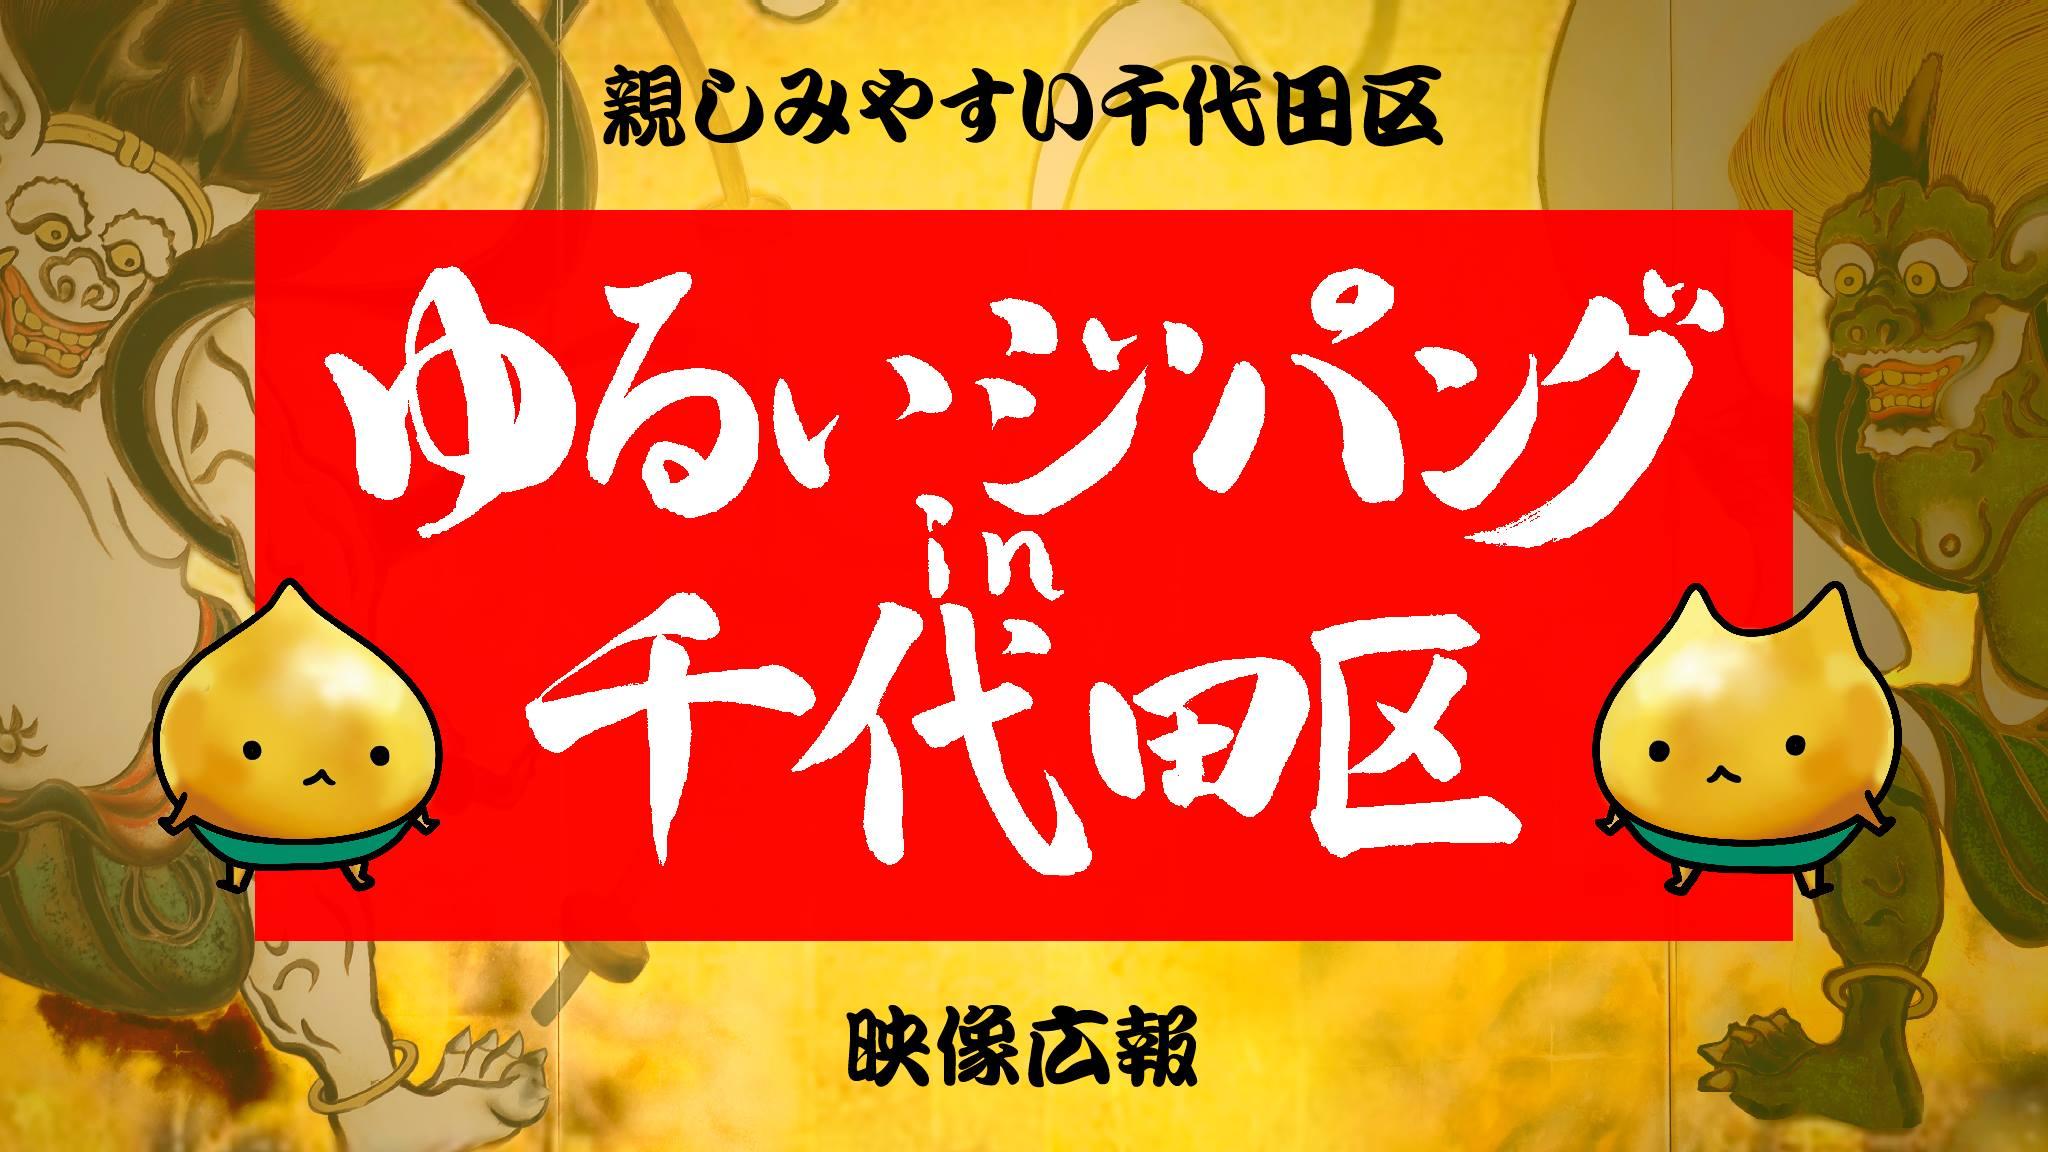 千代田区広報映像タイトル